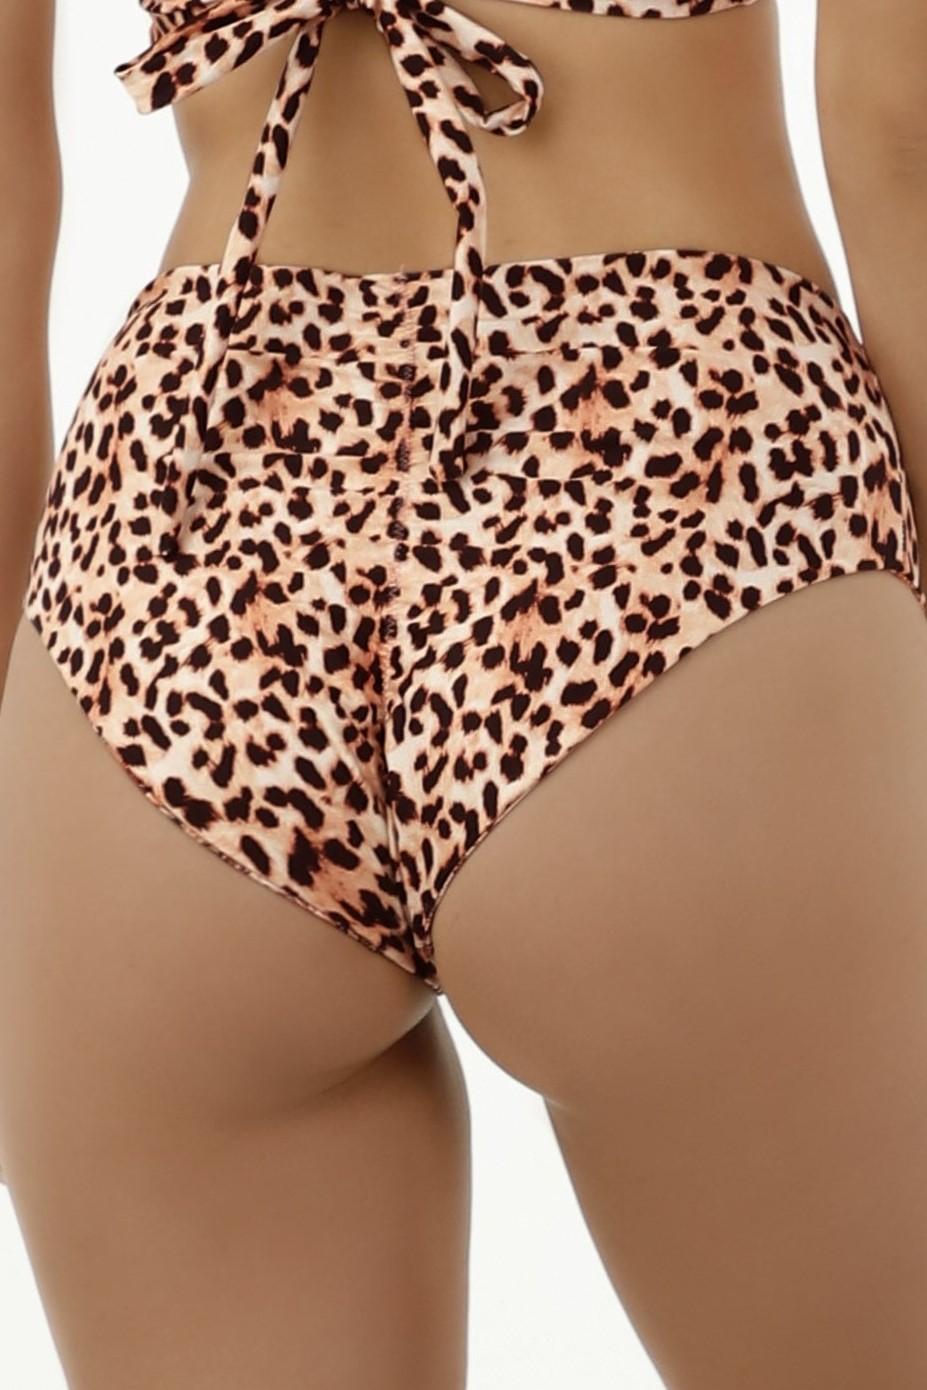 Milonga Guepardo Omkeerbare Slangenprint en Luipaardprint Hoge taille Bikini Broekje